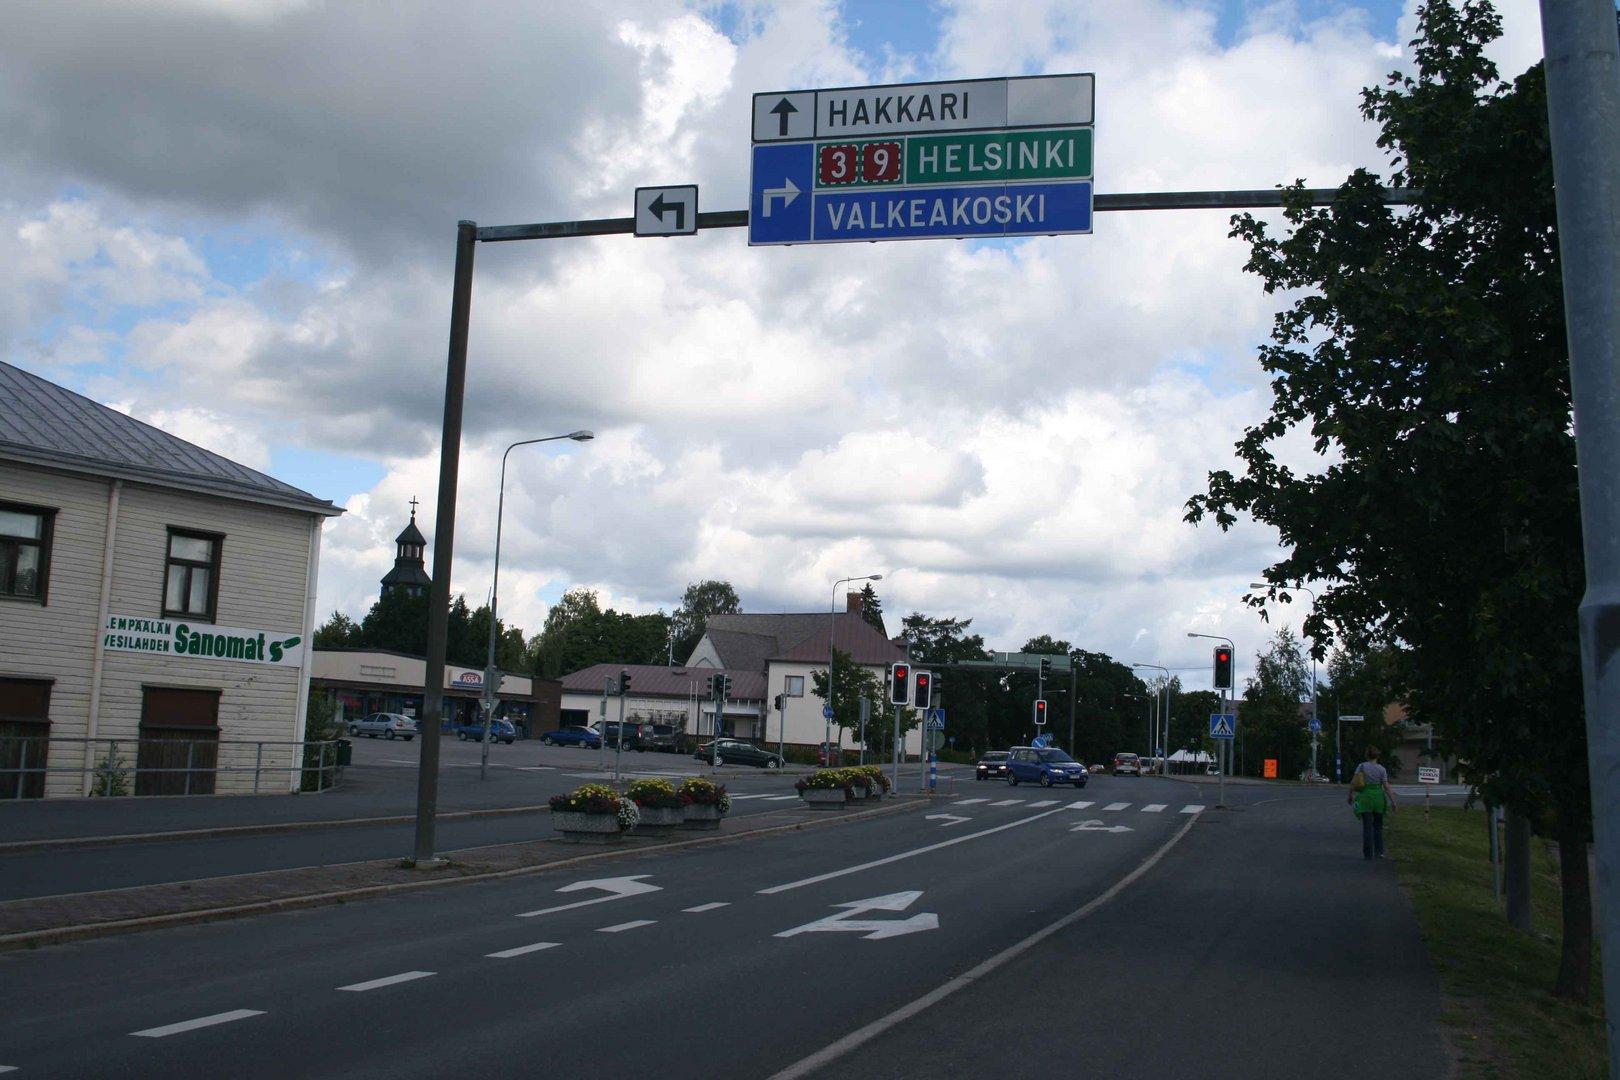 Lempäälän City